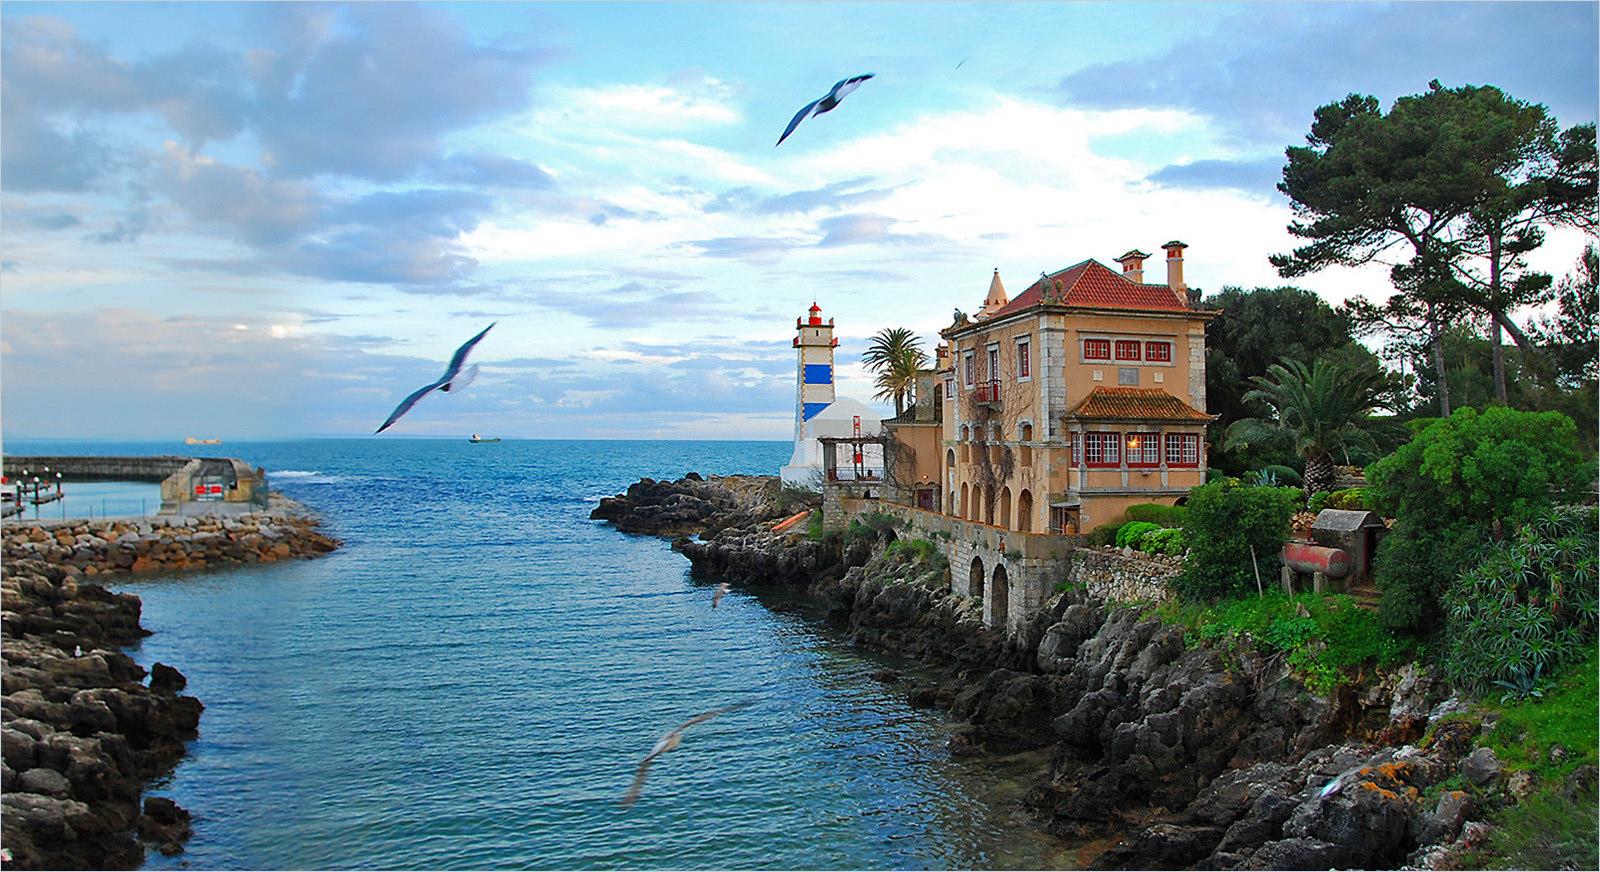 Định cư Bồ Đào Nha - Ảnh 2